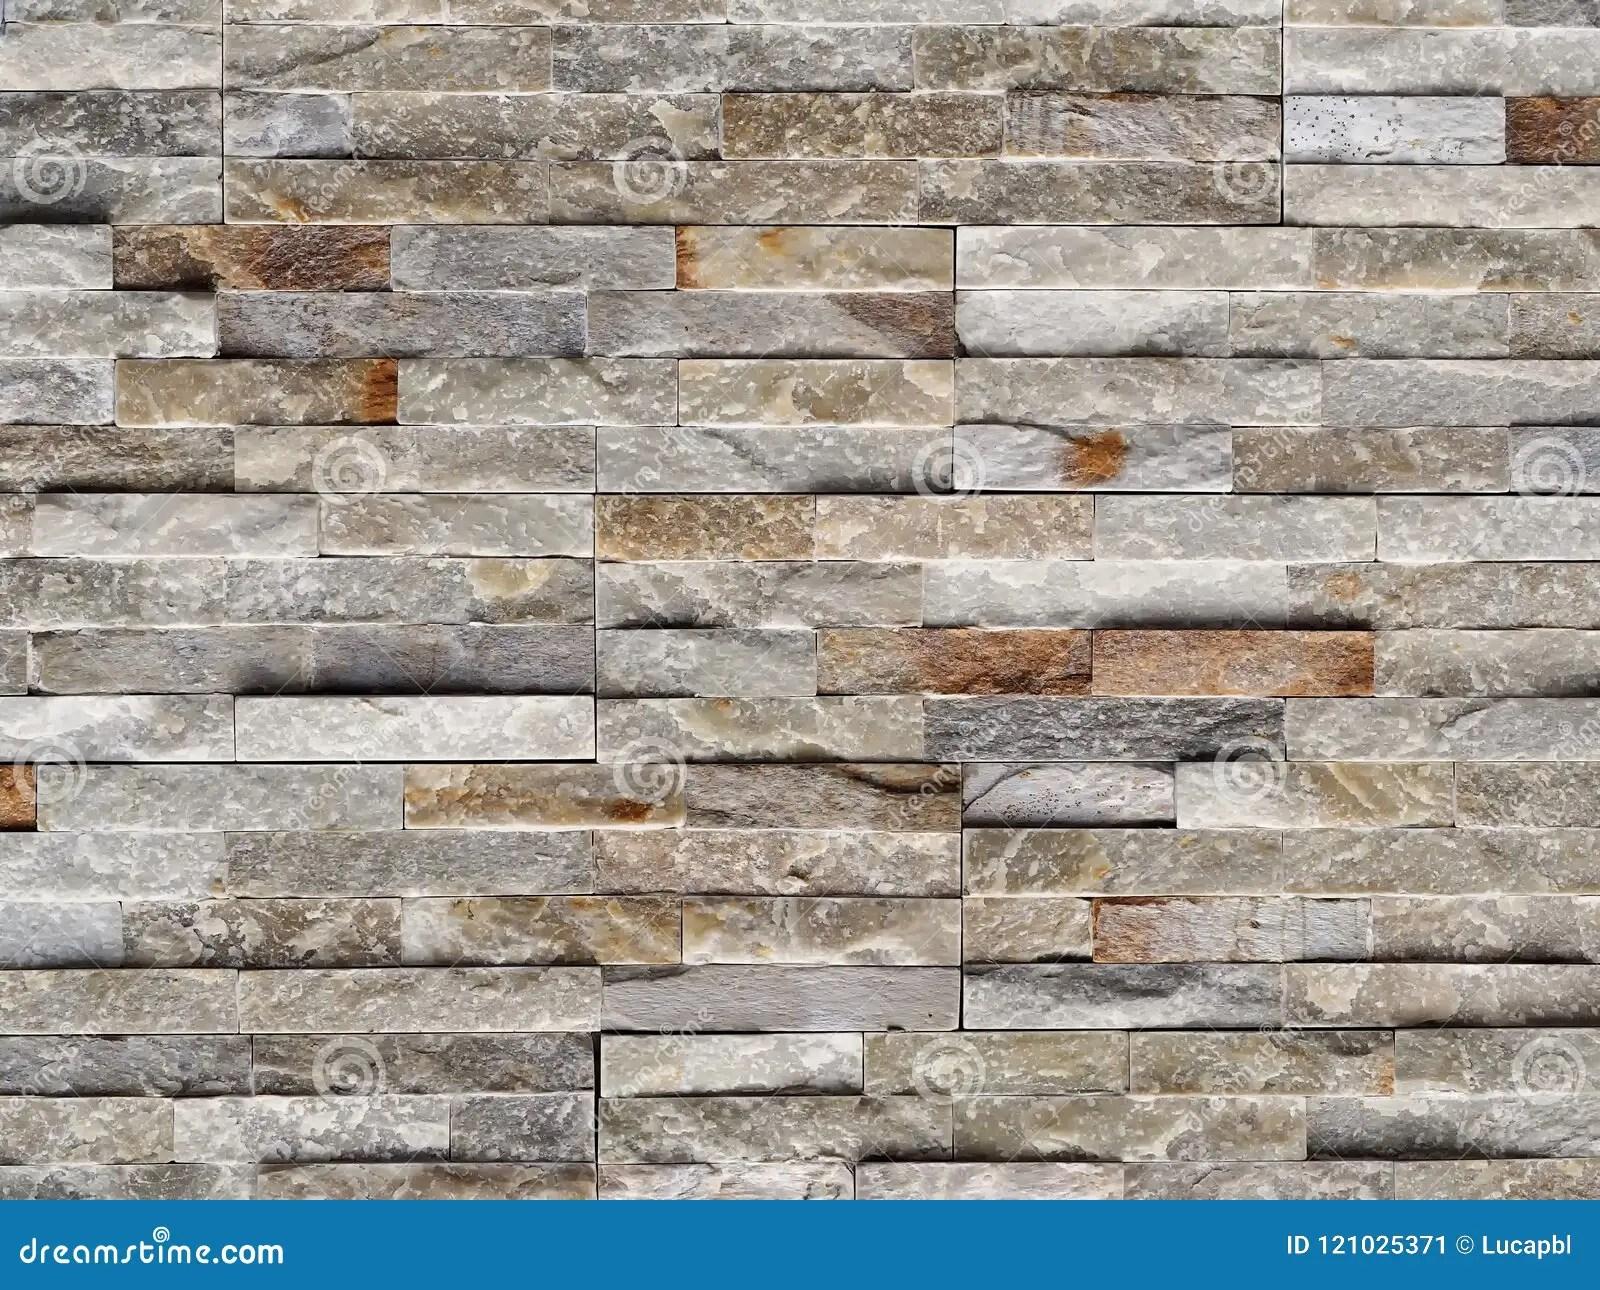 Adesivi murali per esterni fascia paracolpi da muro adesiva